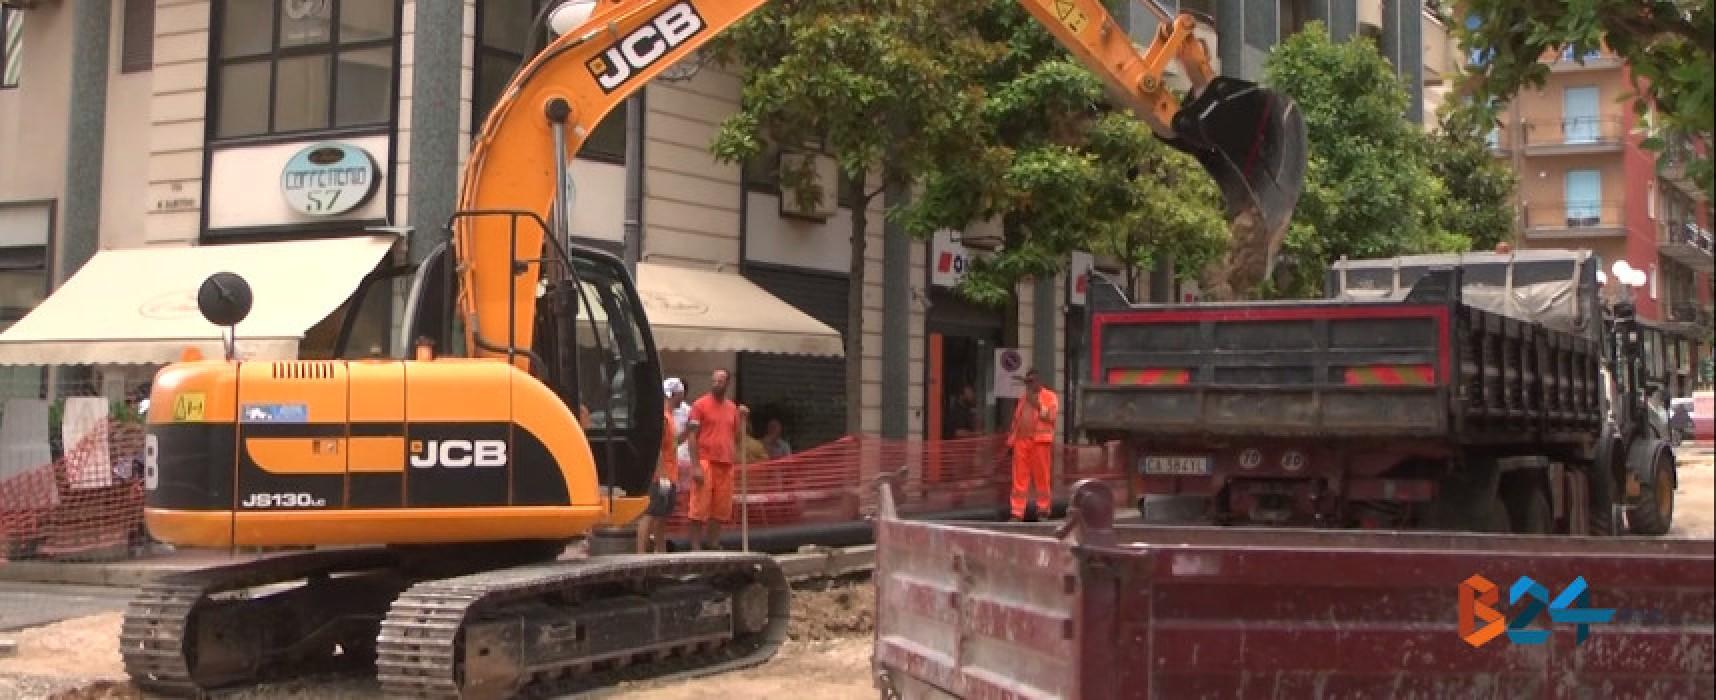 Pedonalizzazione via Aldo Moro, l'Arteco srl si aggiudica i lavori da svolgere in 90 giorni